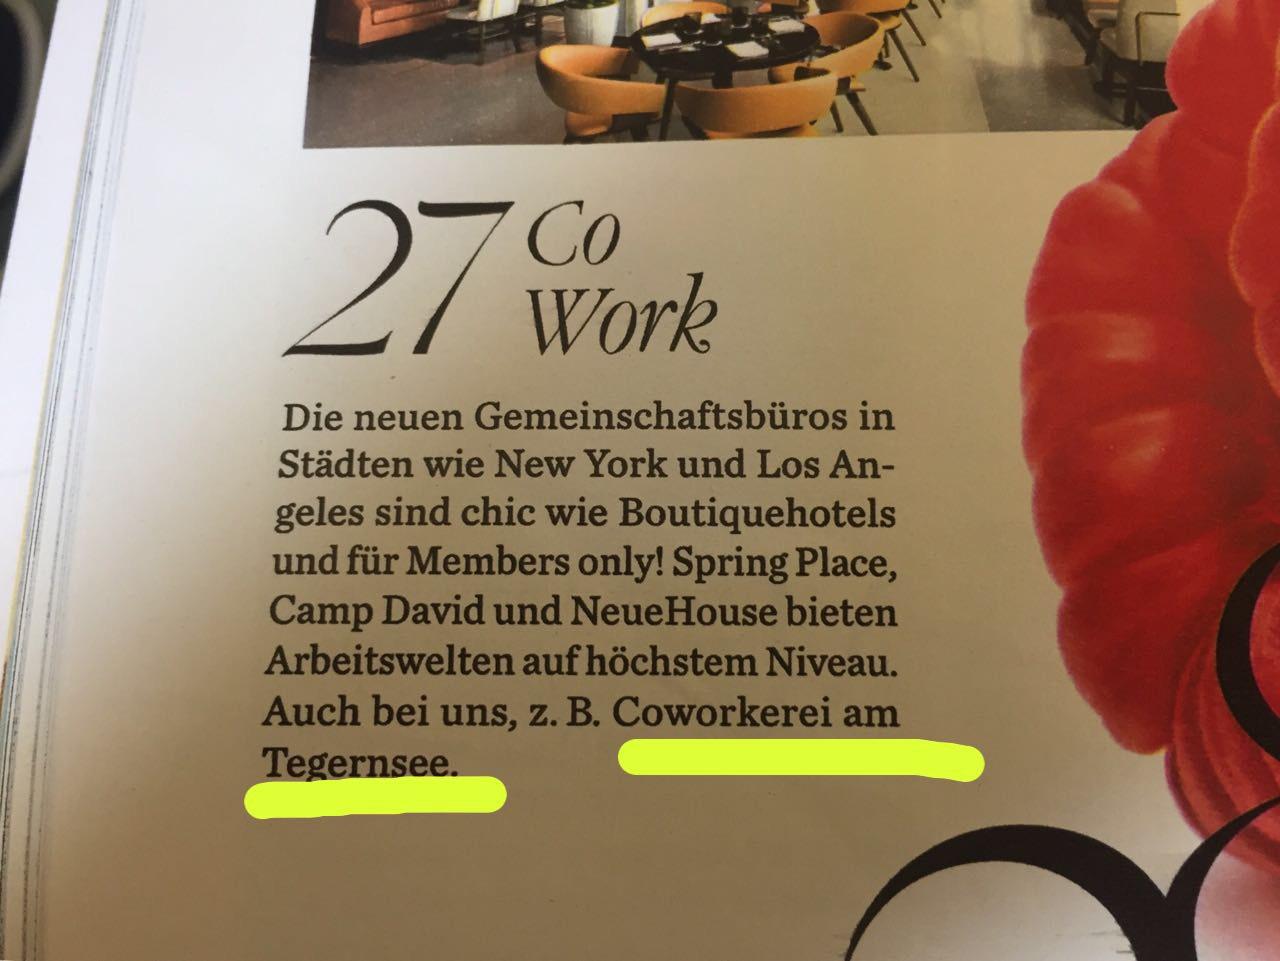 Die COWORKEREI TEGERNSEE jetzt auch schon in der Elle :-)